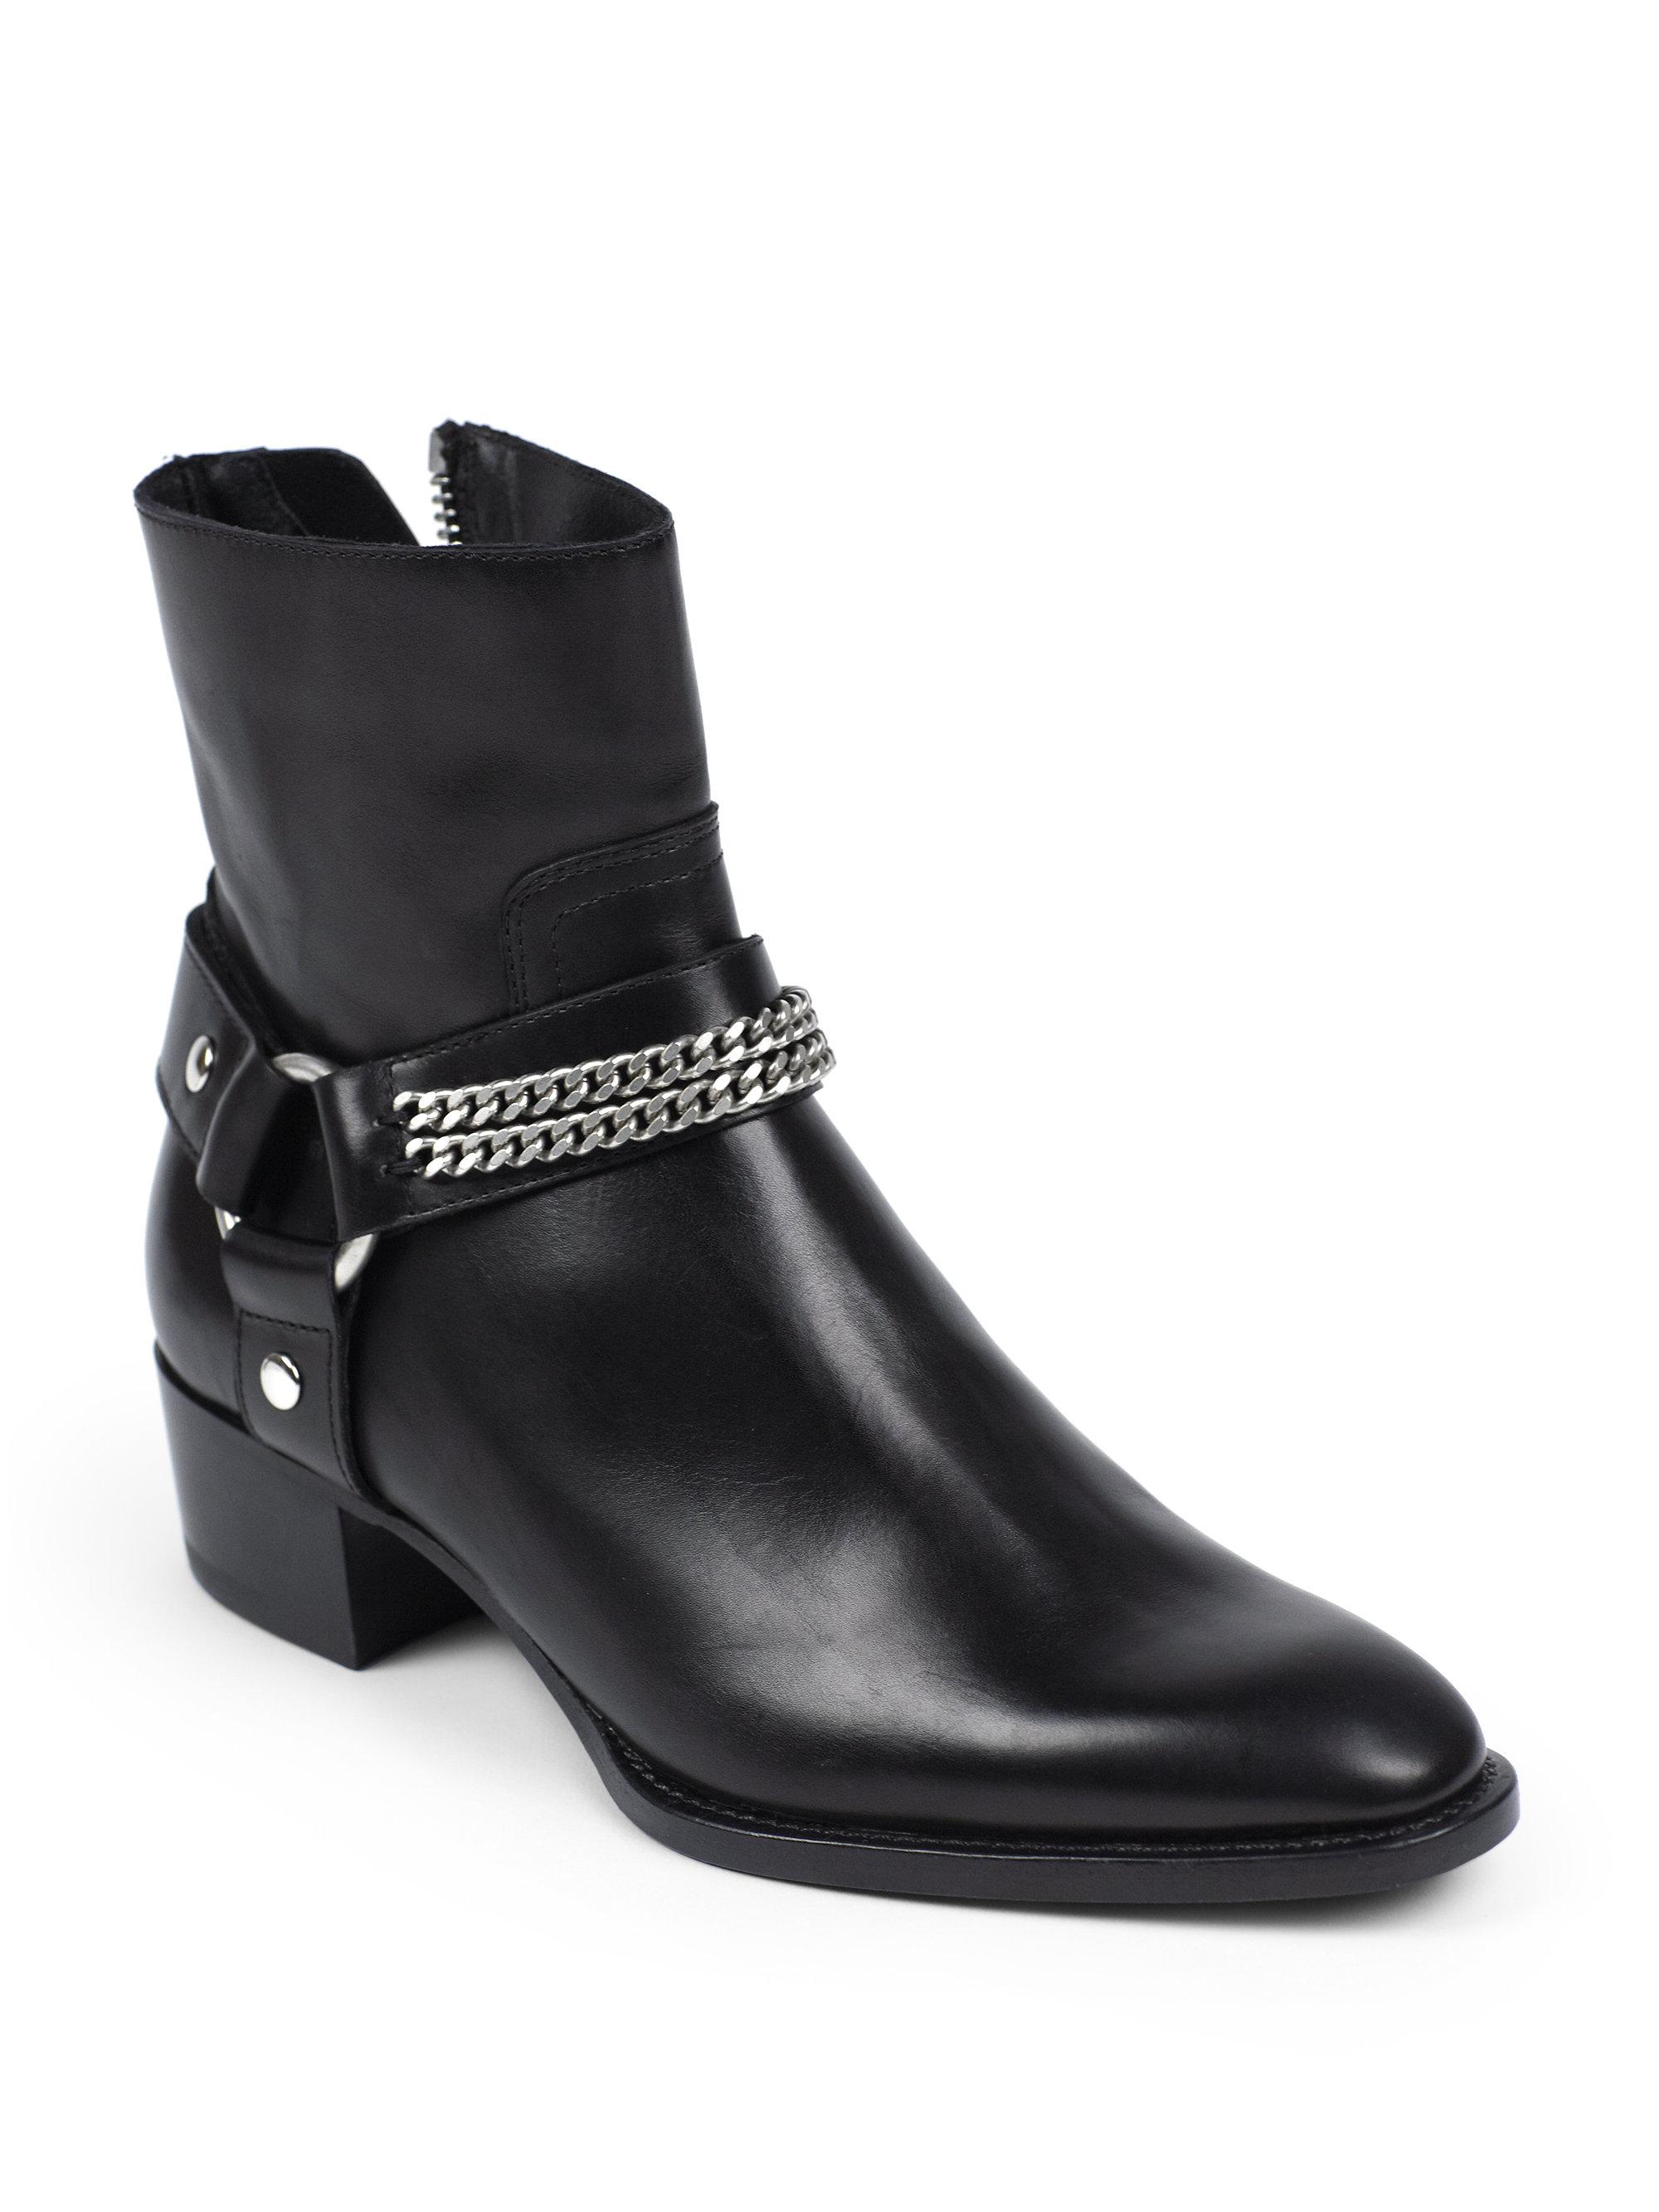 Lyst Saint Laurent Rock Chelsea Leather Chain Harness